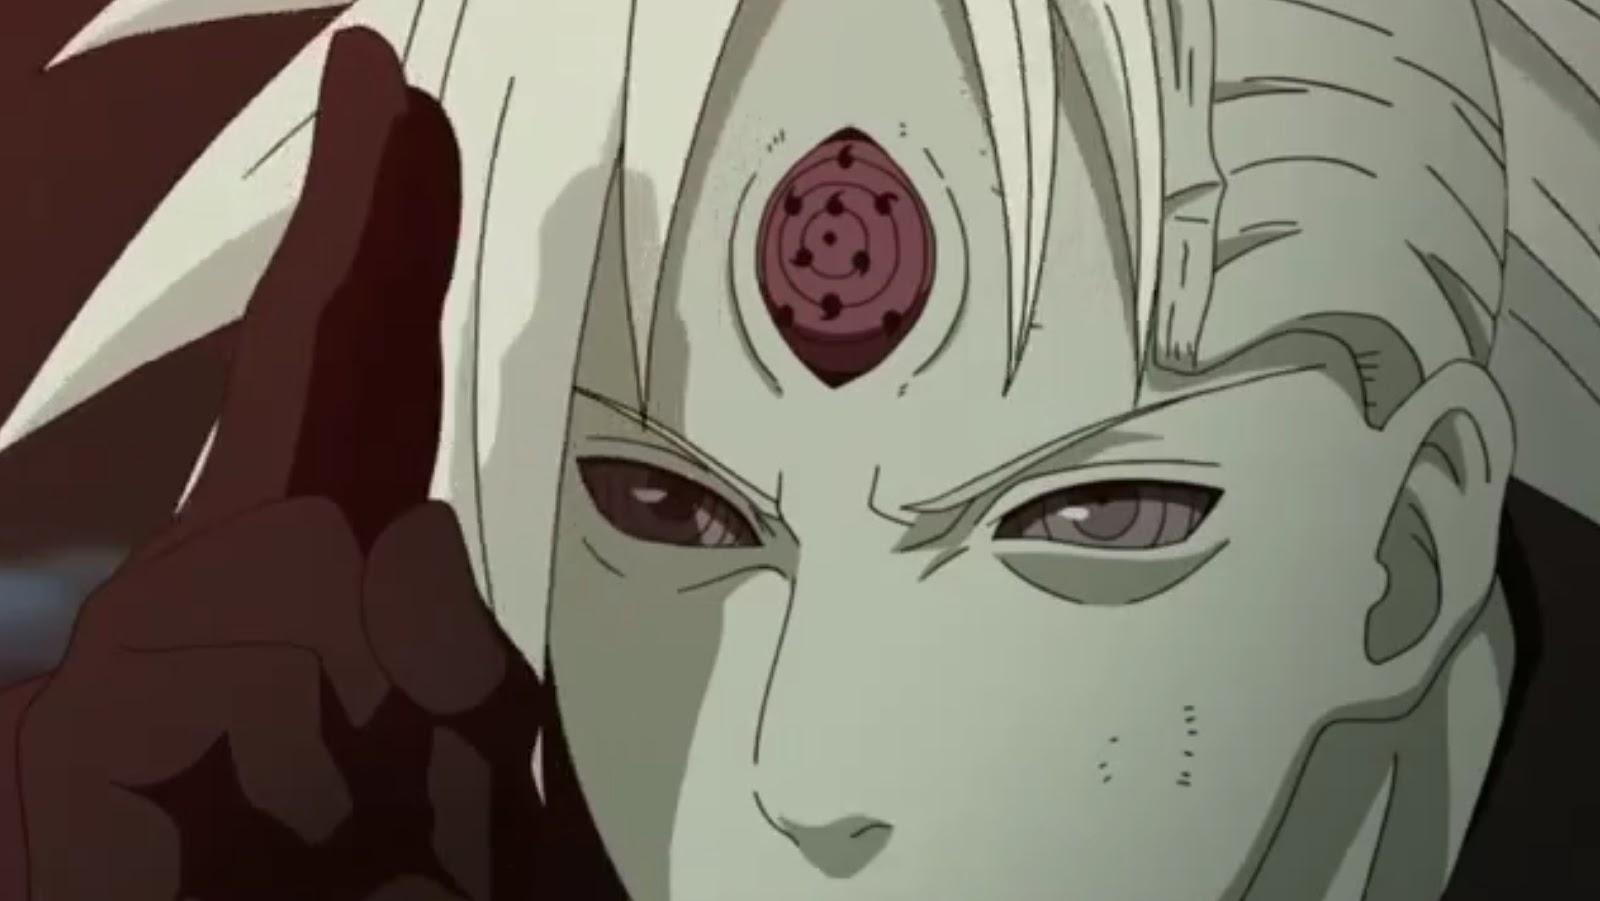 Naruto Shippuden Episódio 426, Assistir Naruto Shippuden Episódio 426, Assistir Naruto Shippuden Todos os Episódios Legendado, Naruto Shippuden episódio 426,HD